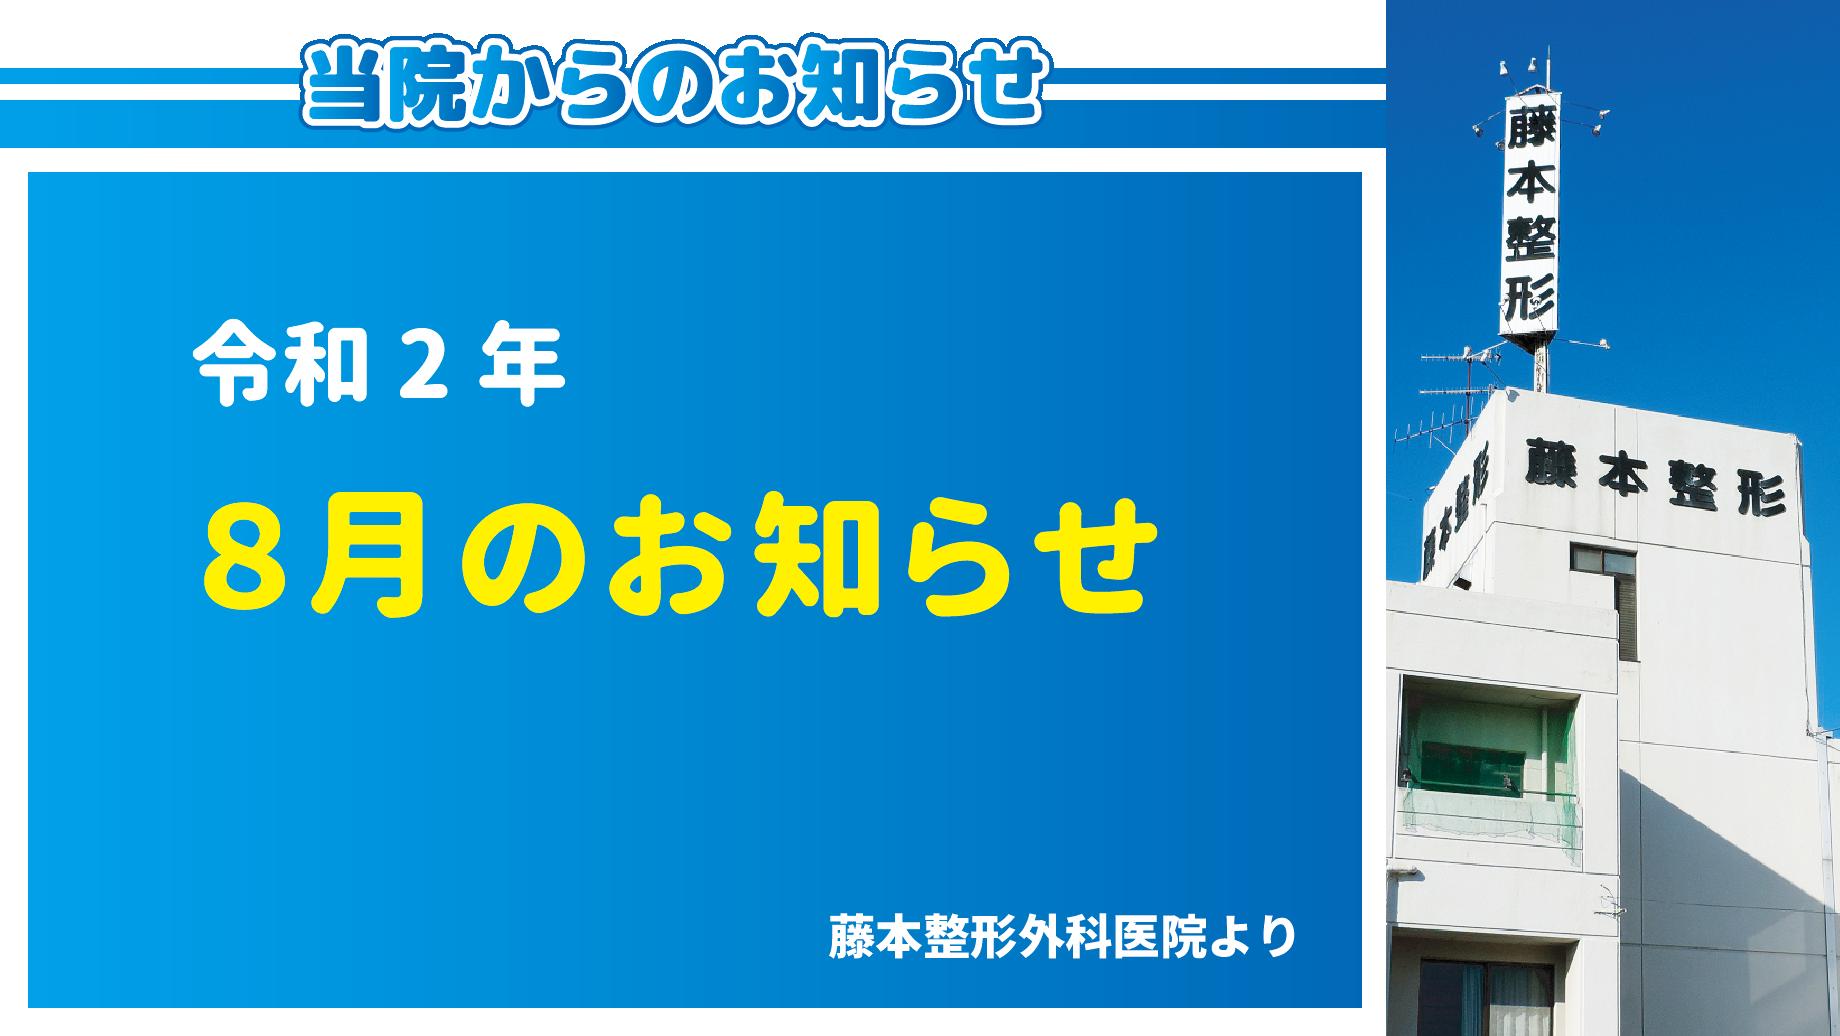 令和2年8月のお知らせ(大分の藤本整形外科医院より)